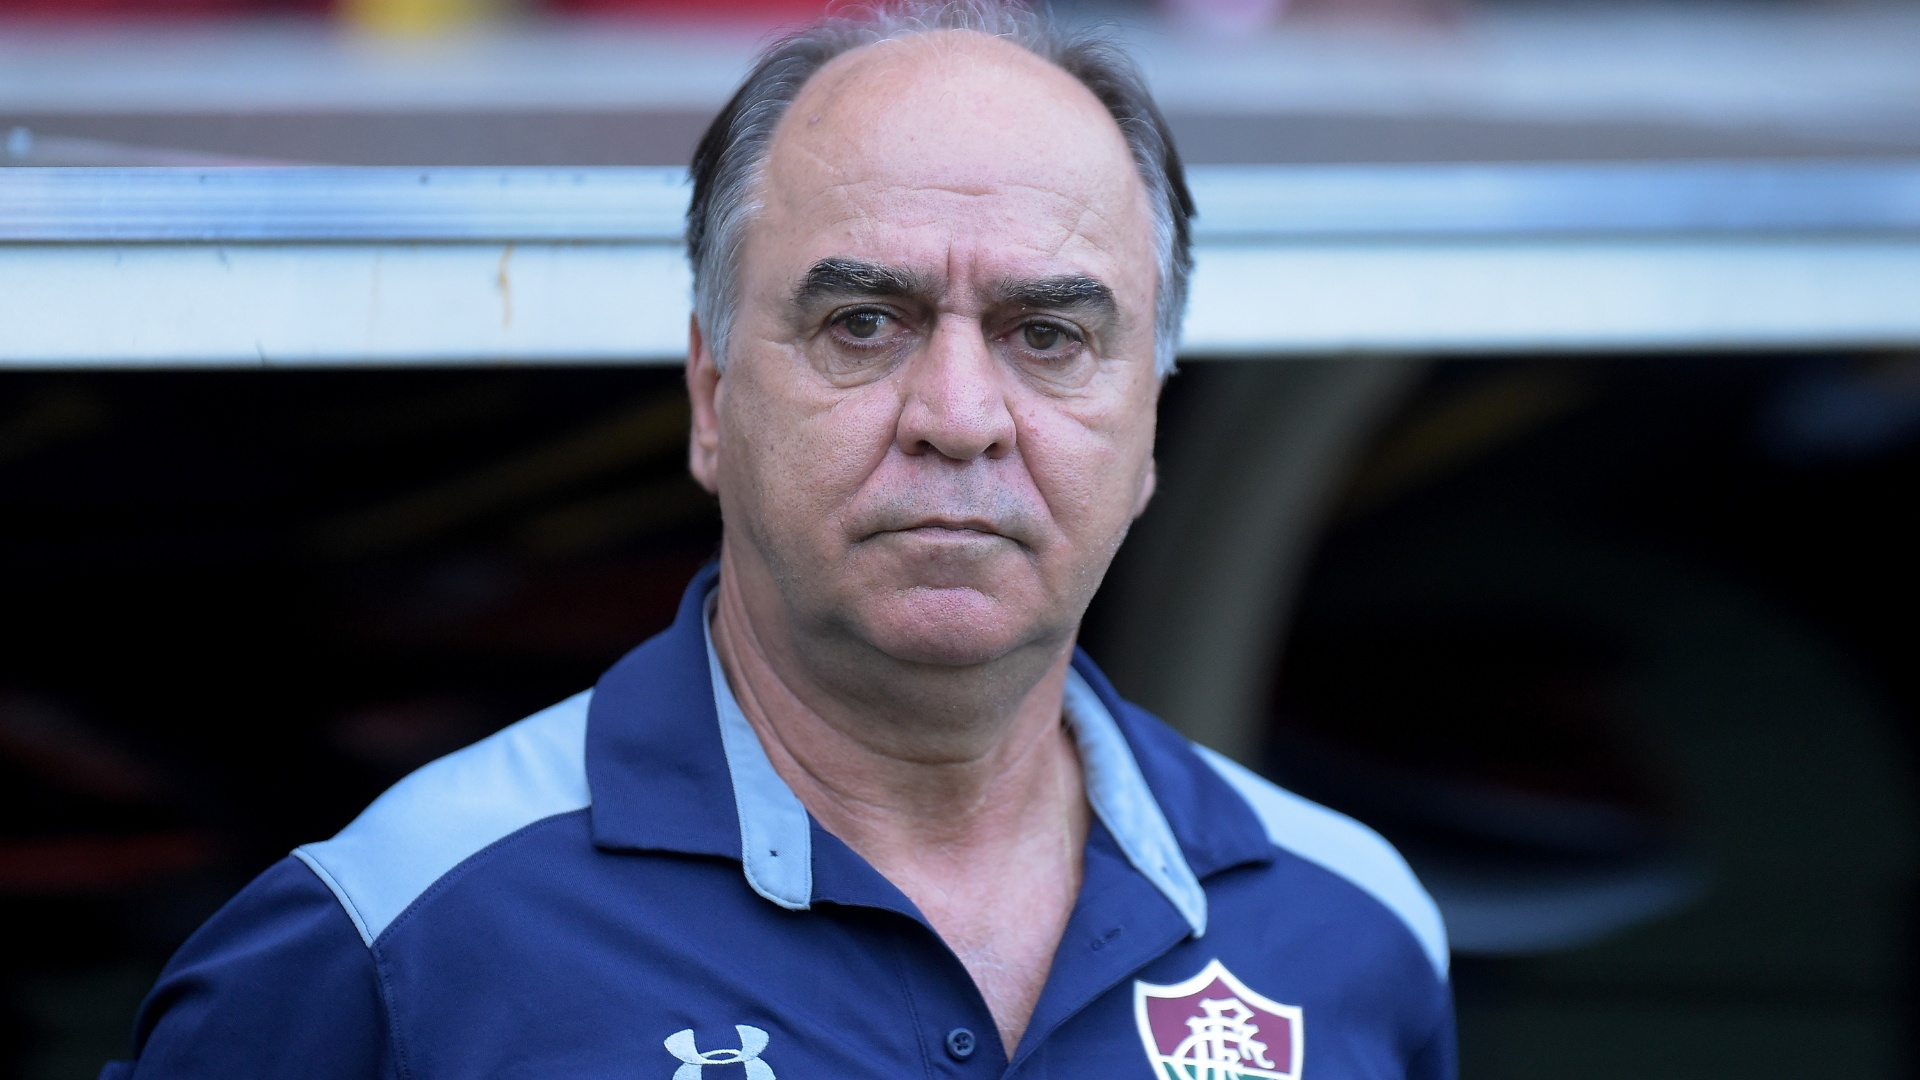 Técnico Marcelo Oliveira comanda o Fluminense em clássico contra o Flamengo no Brasileirão